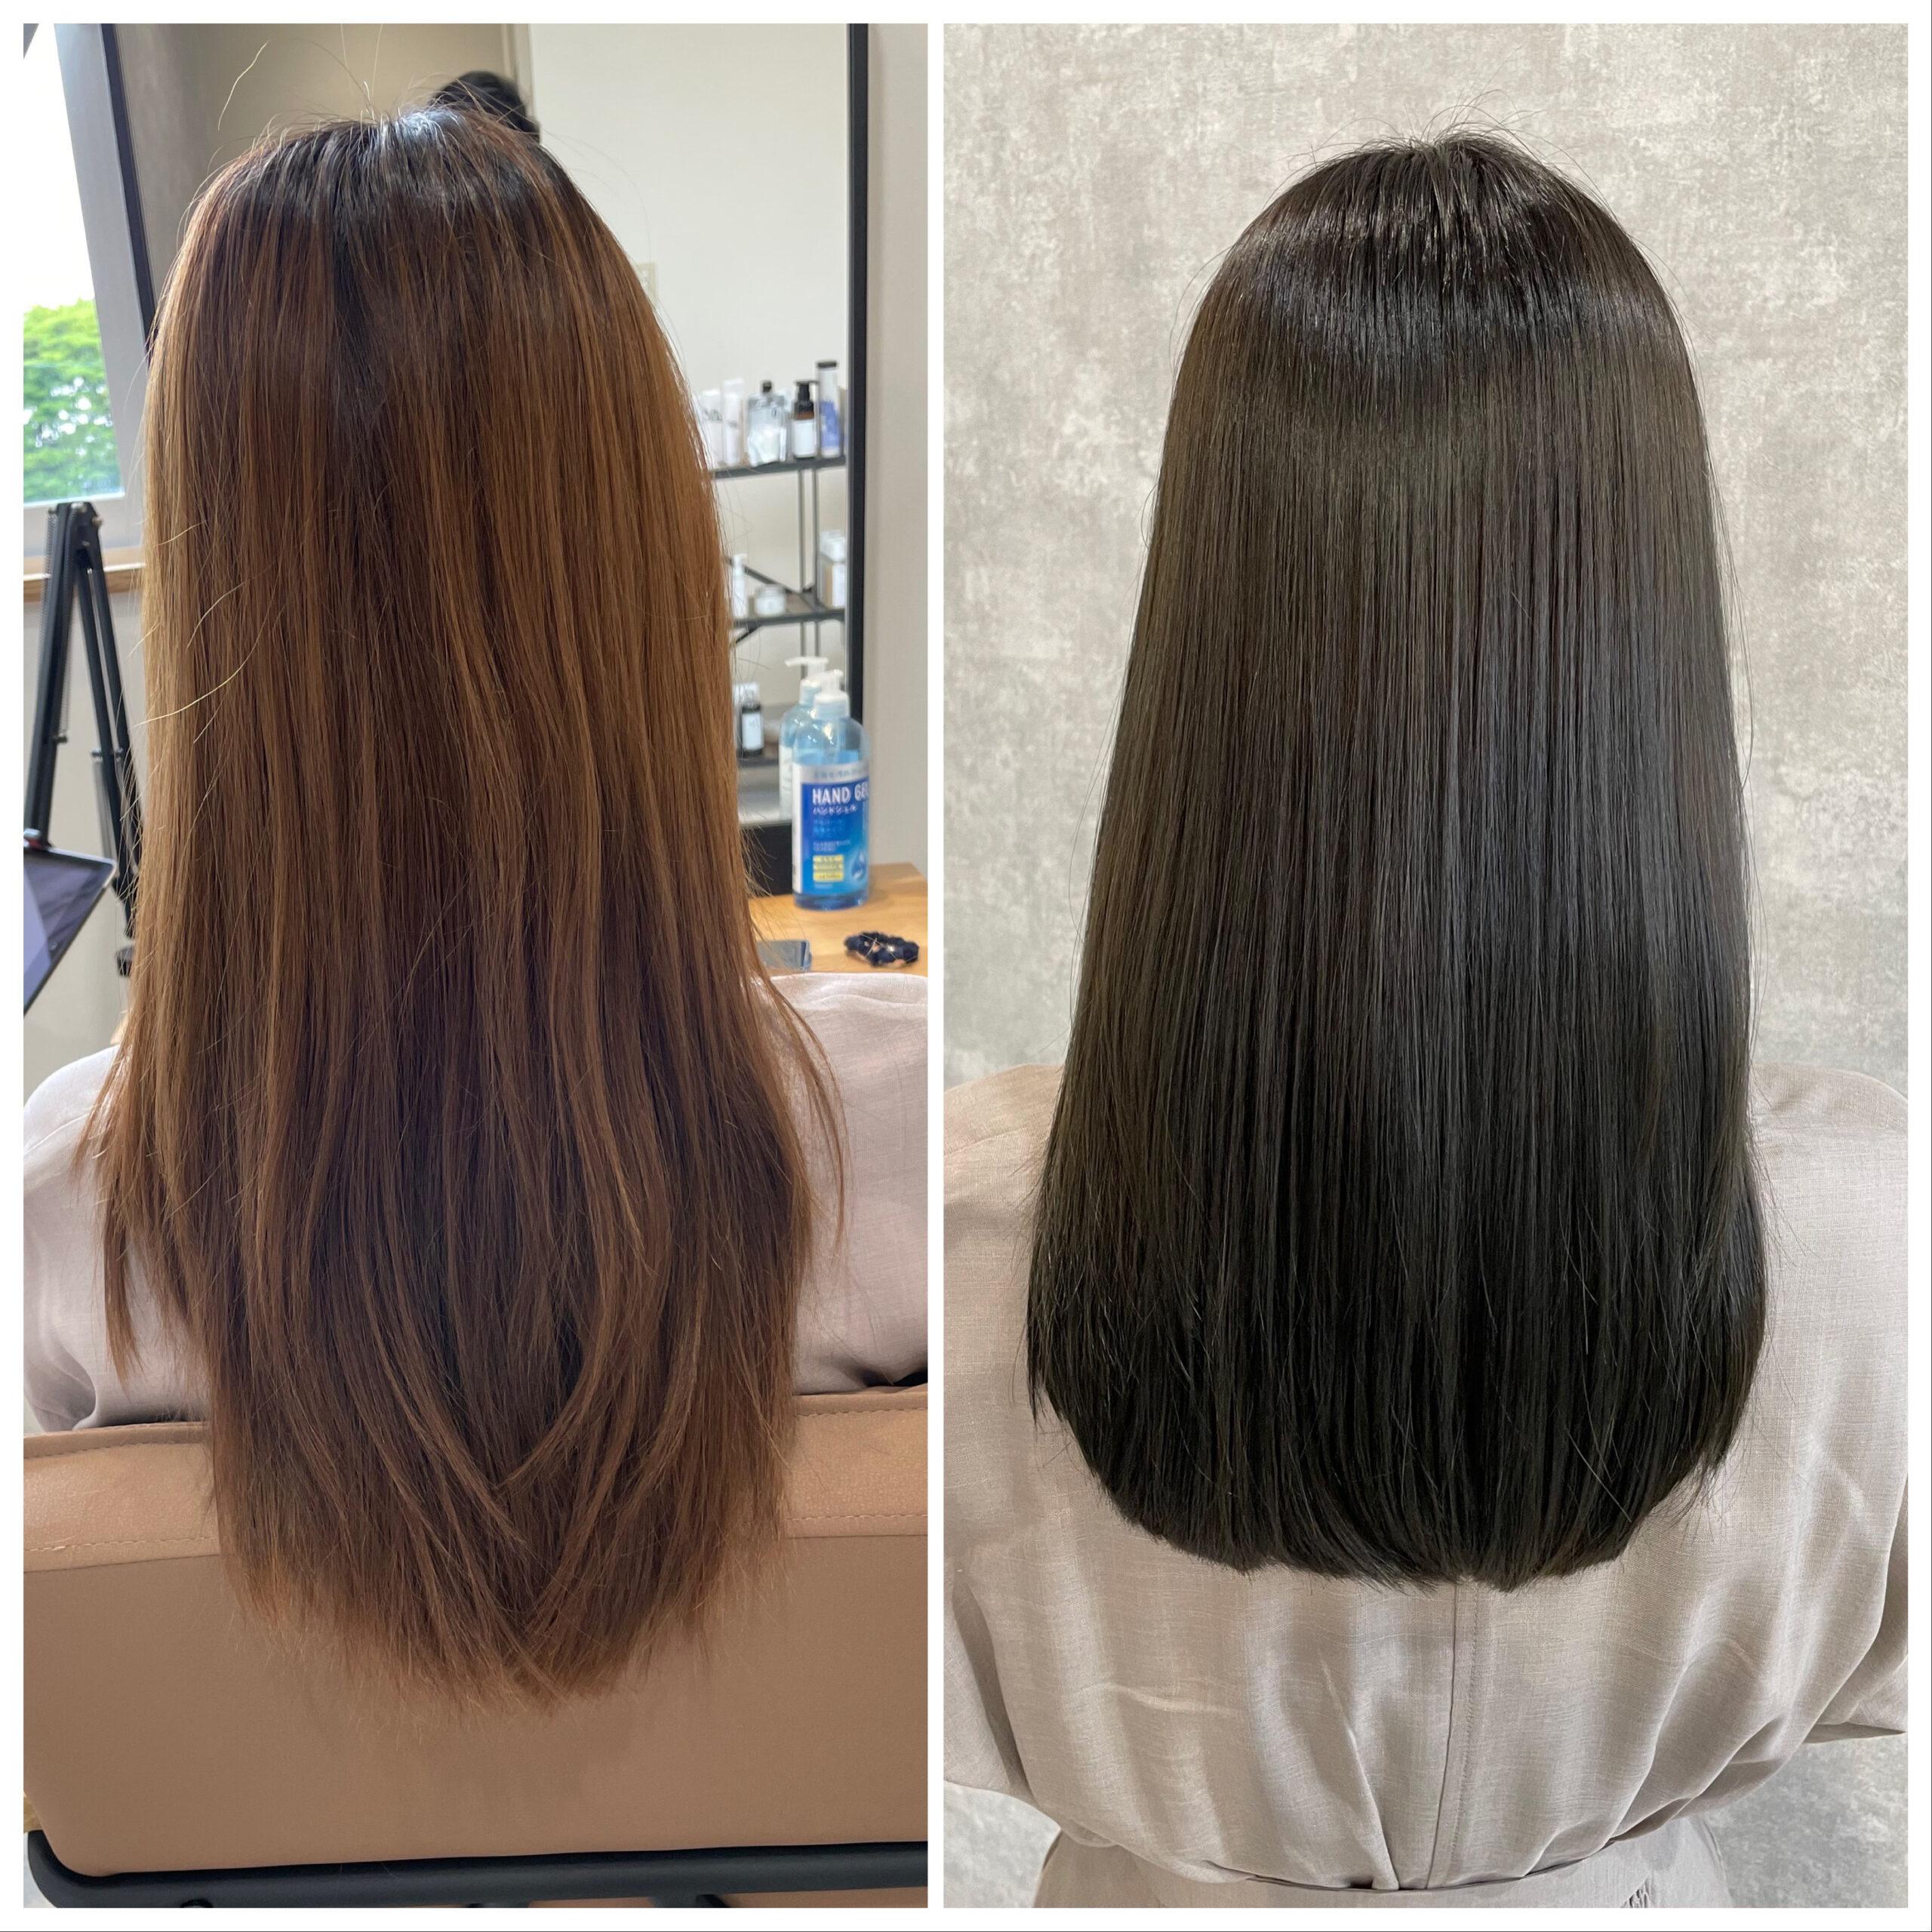 髪質改善トリートメントでツヤツヤなヘアカラー ビフォーアフター